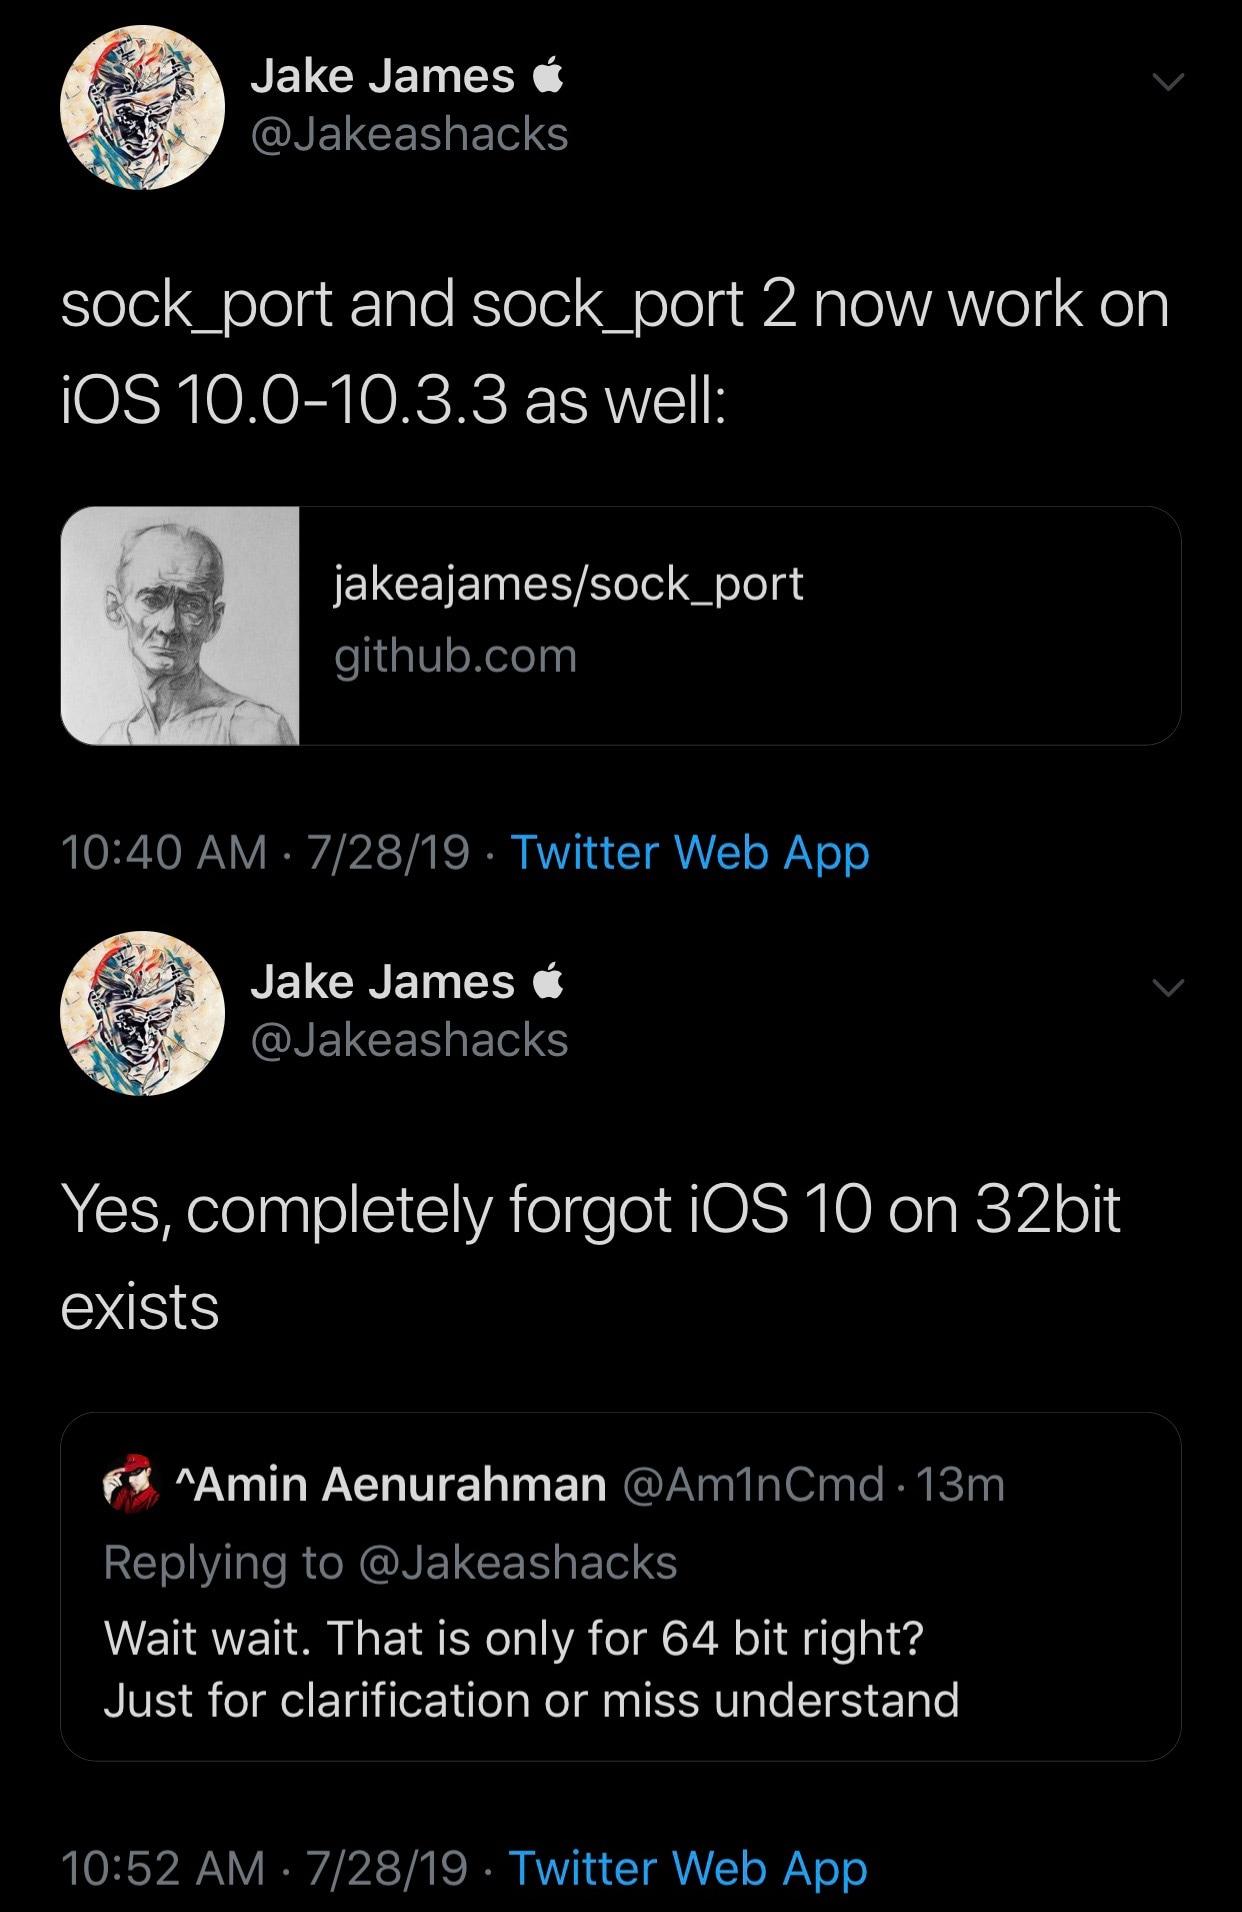 Jake James Sock Port və Sock Portun istismarlarını yenilədi 2 64 bit iOS 10 dəstəyi ilə 3